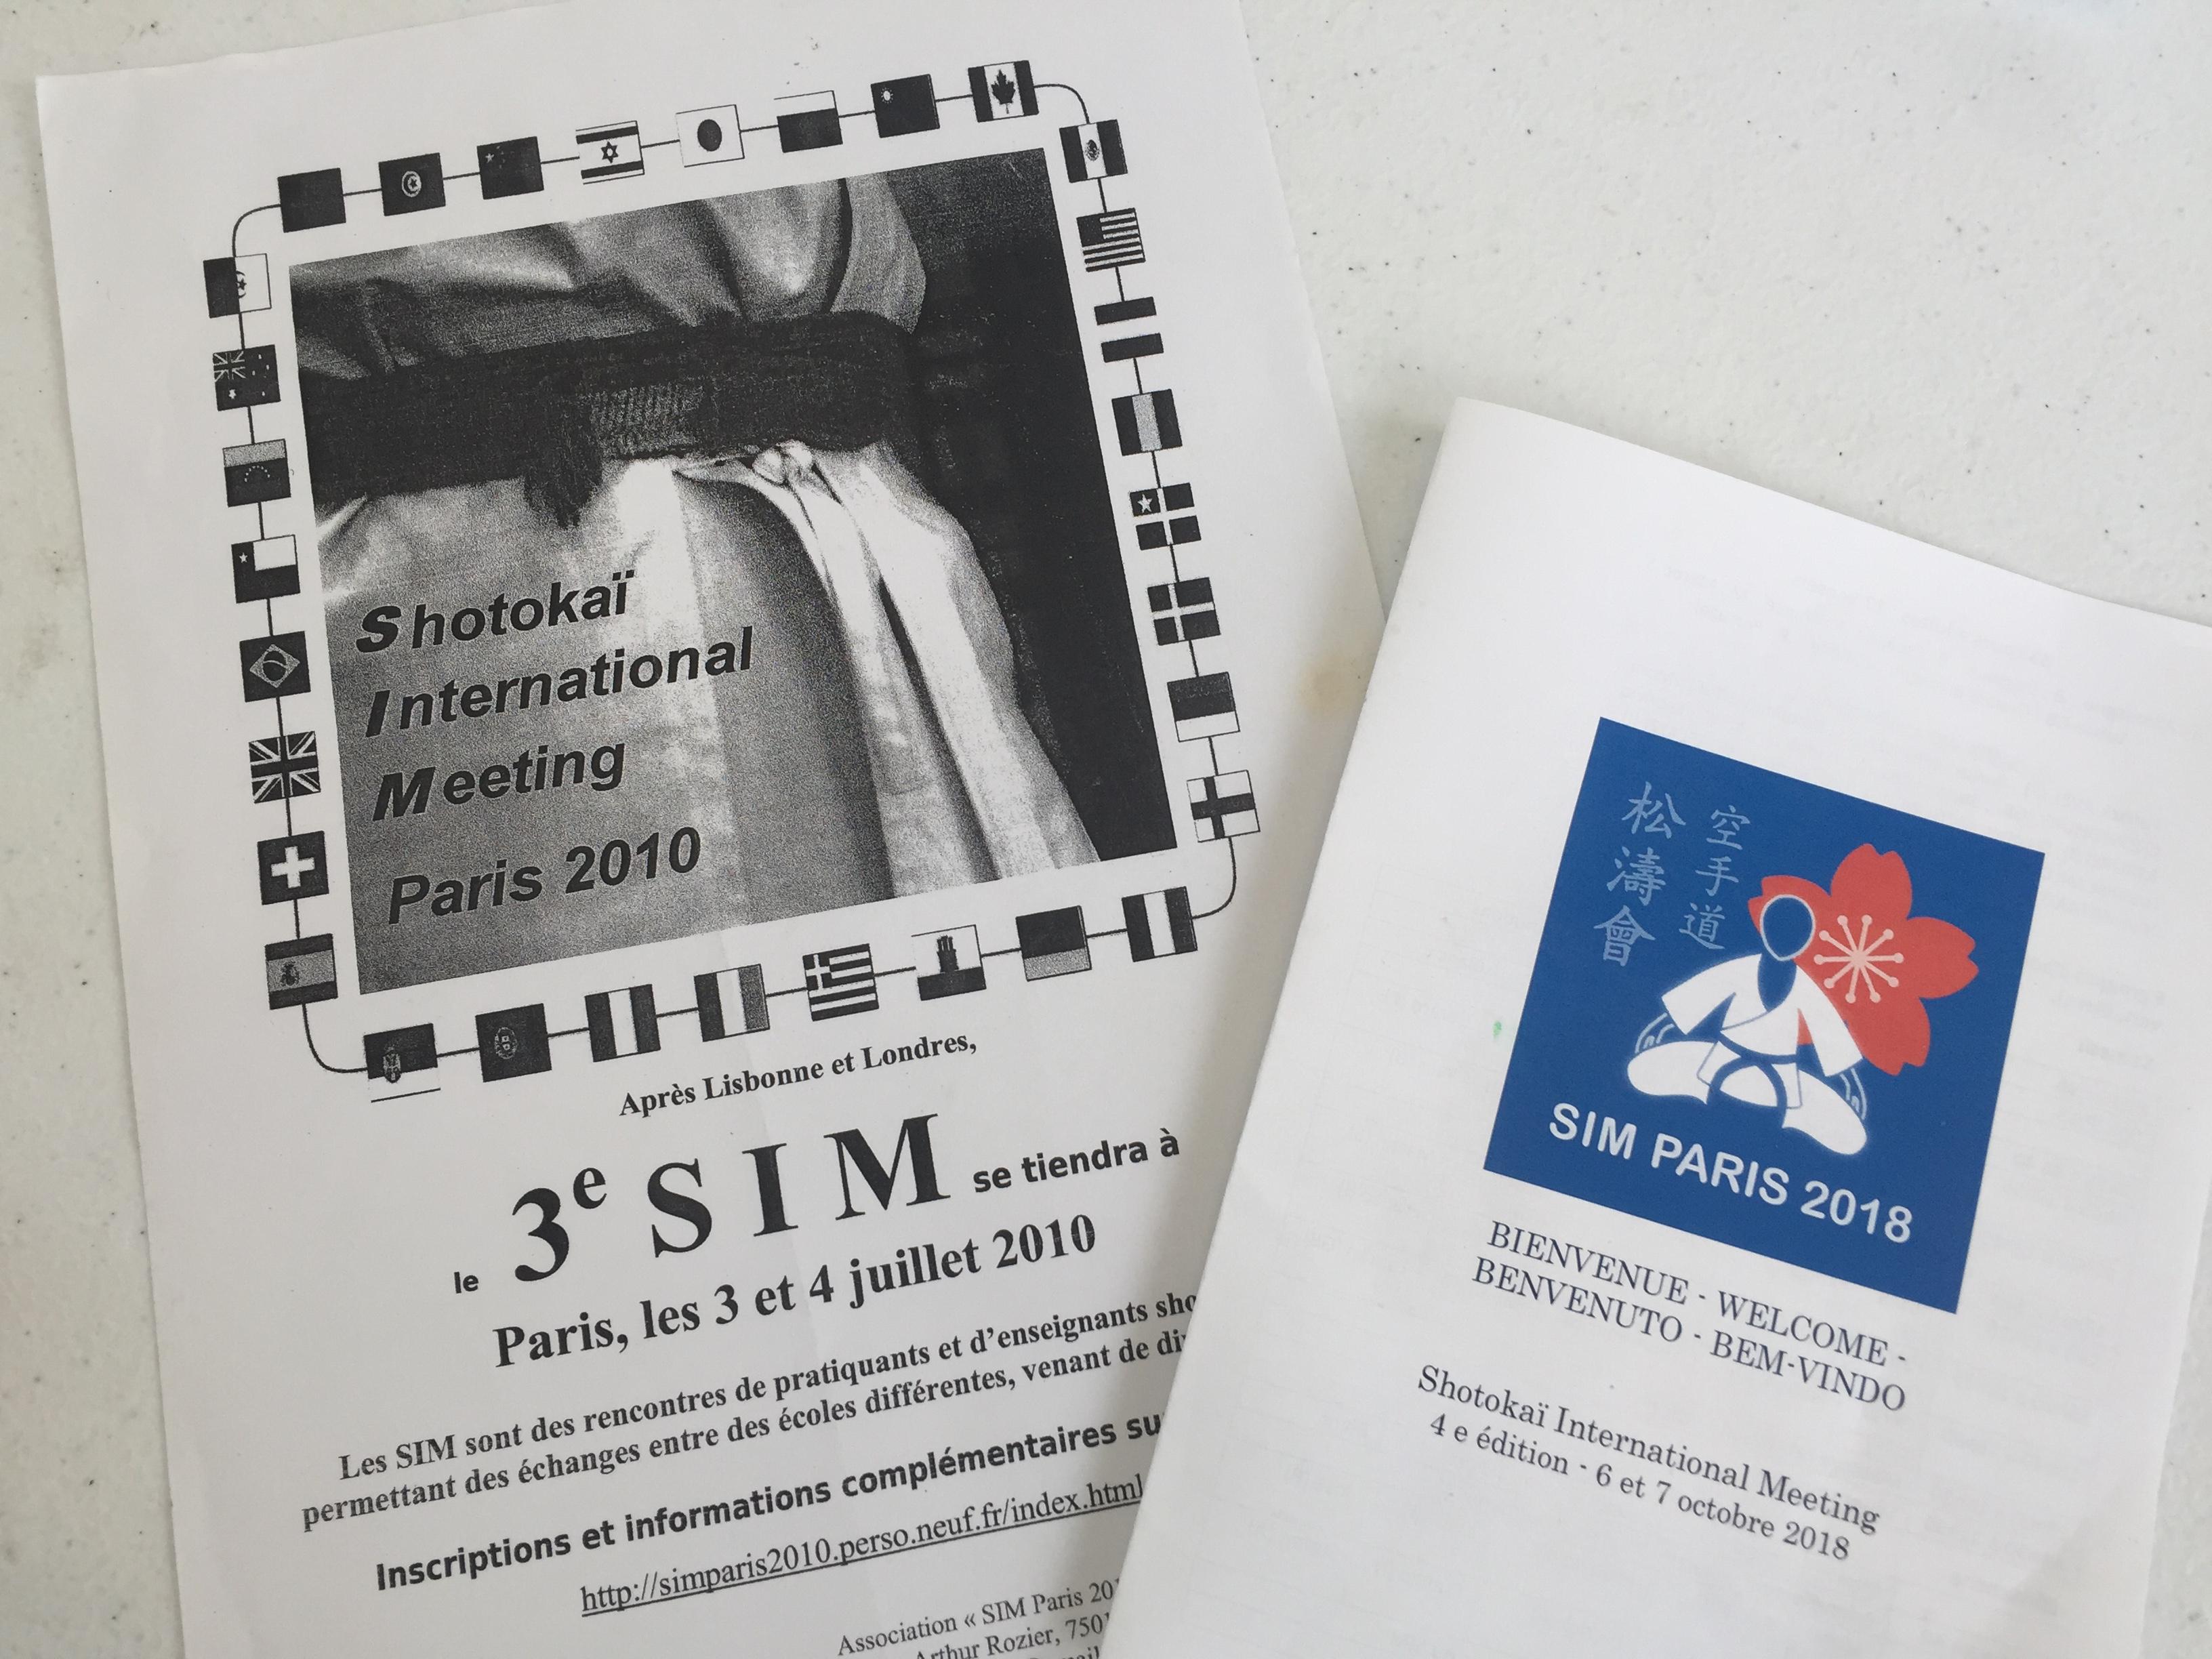 SIM PARIS 2018 (84)